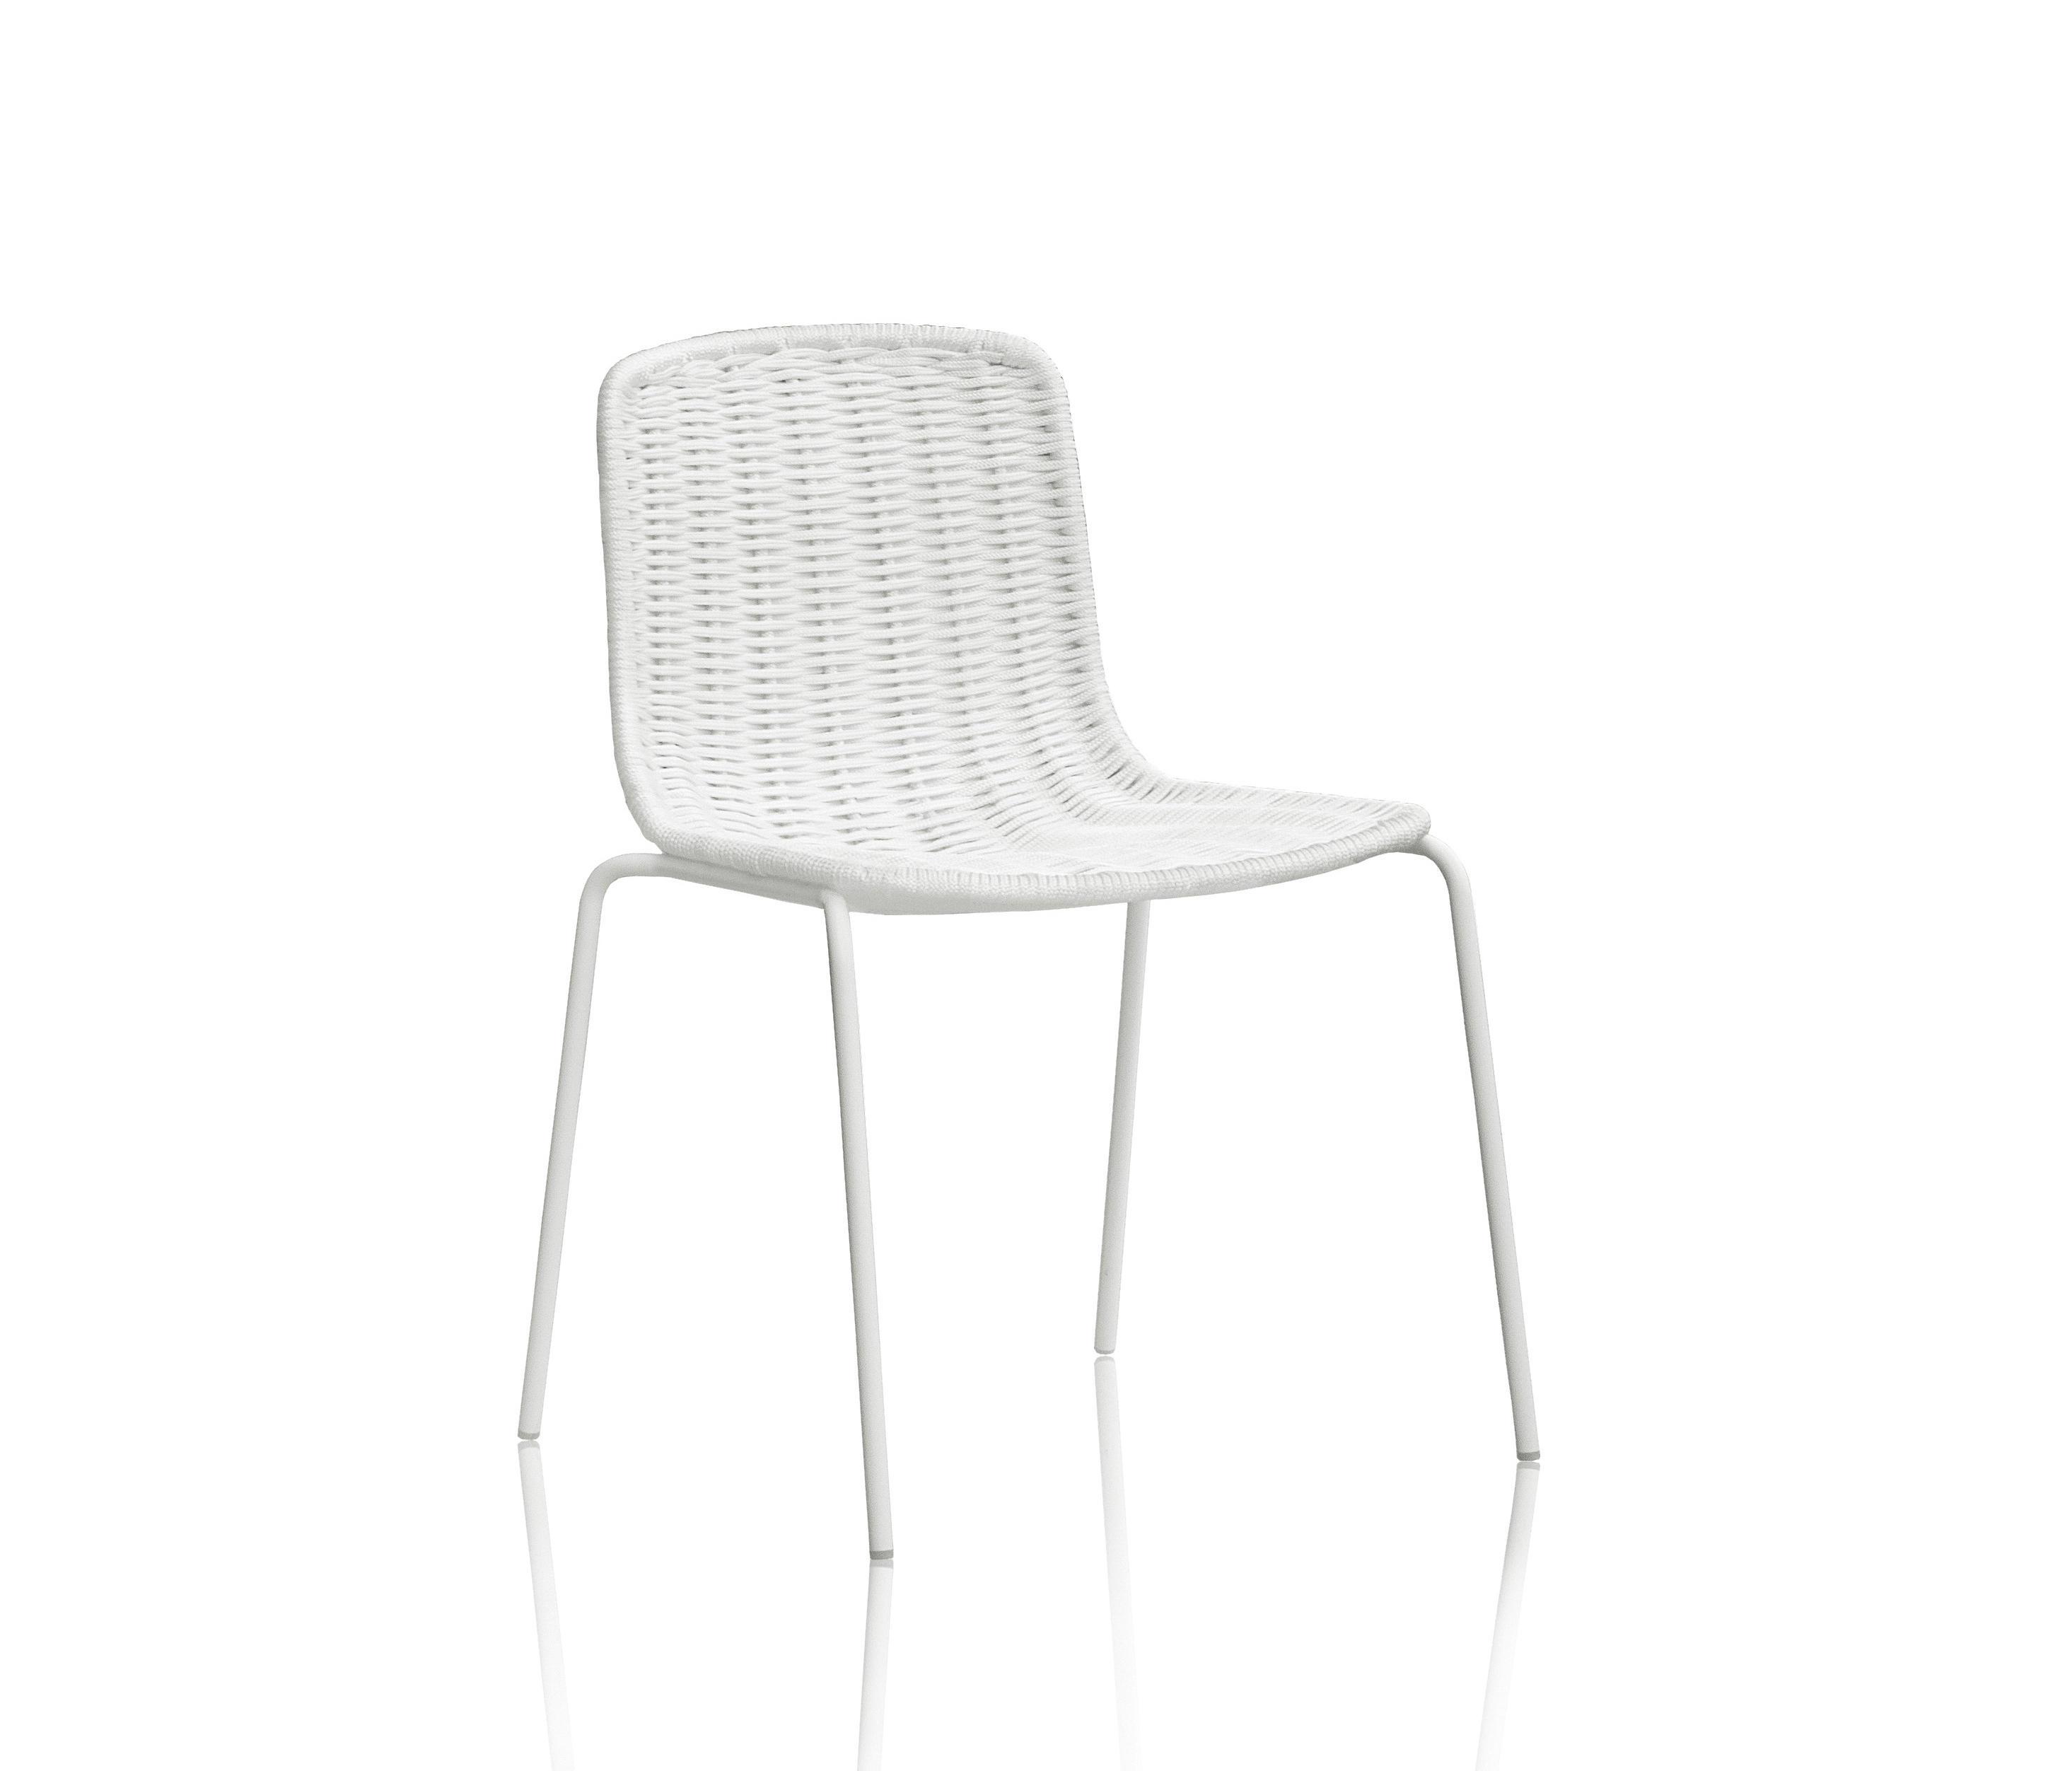 Lapala silla tejida sillas para restaurantes de expormim for Sillas para ferias